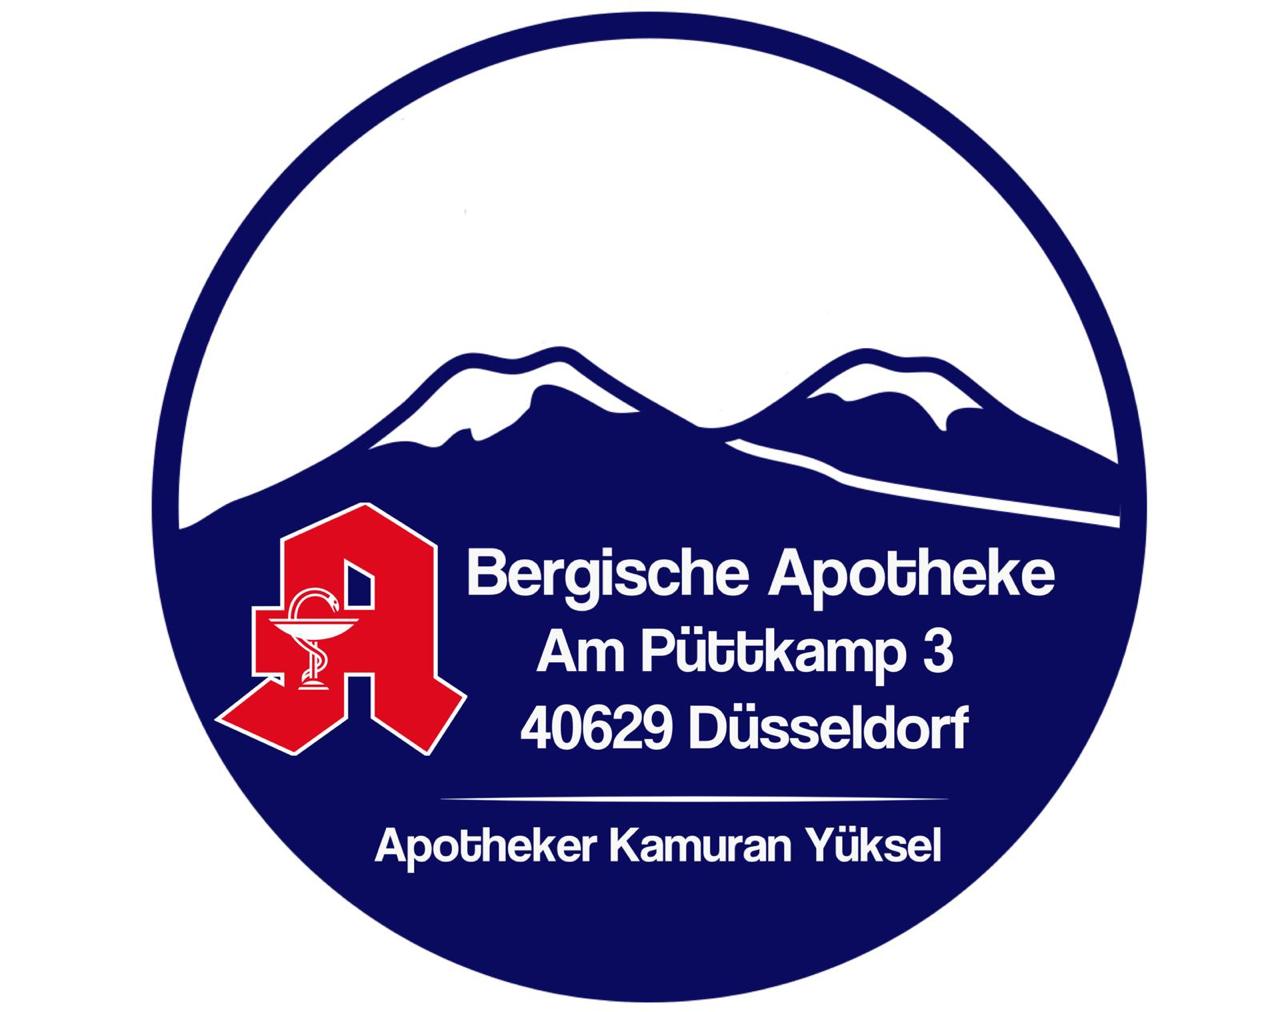 Logo der Bergische Apotheke